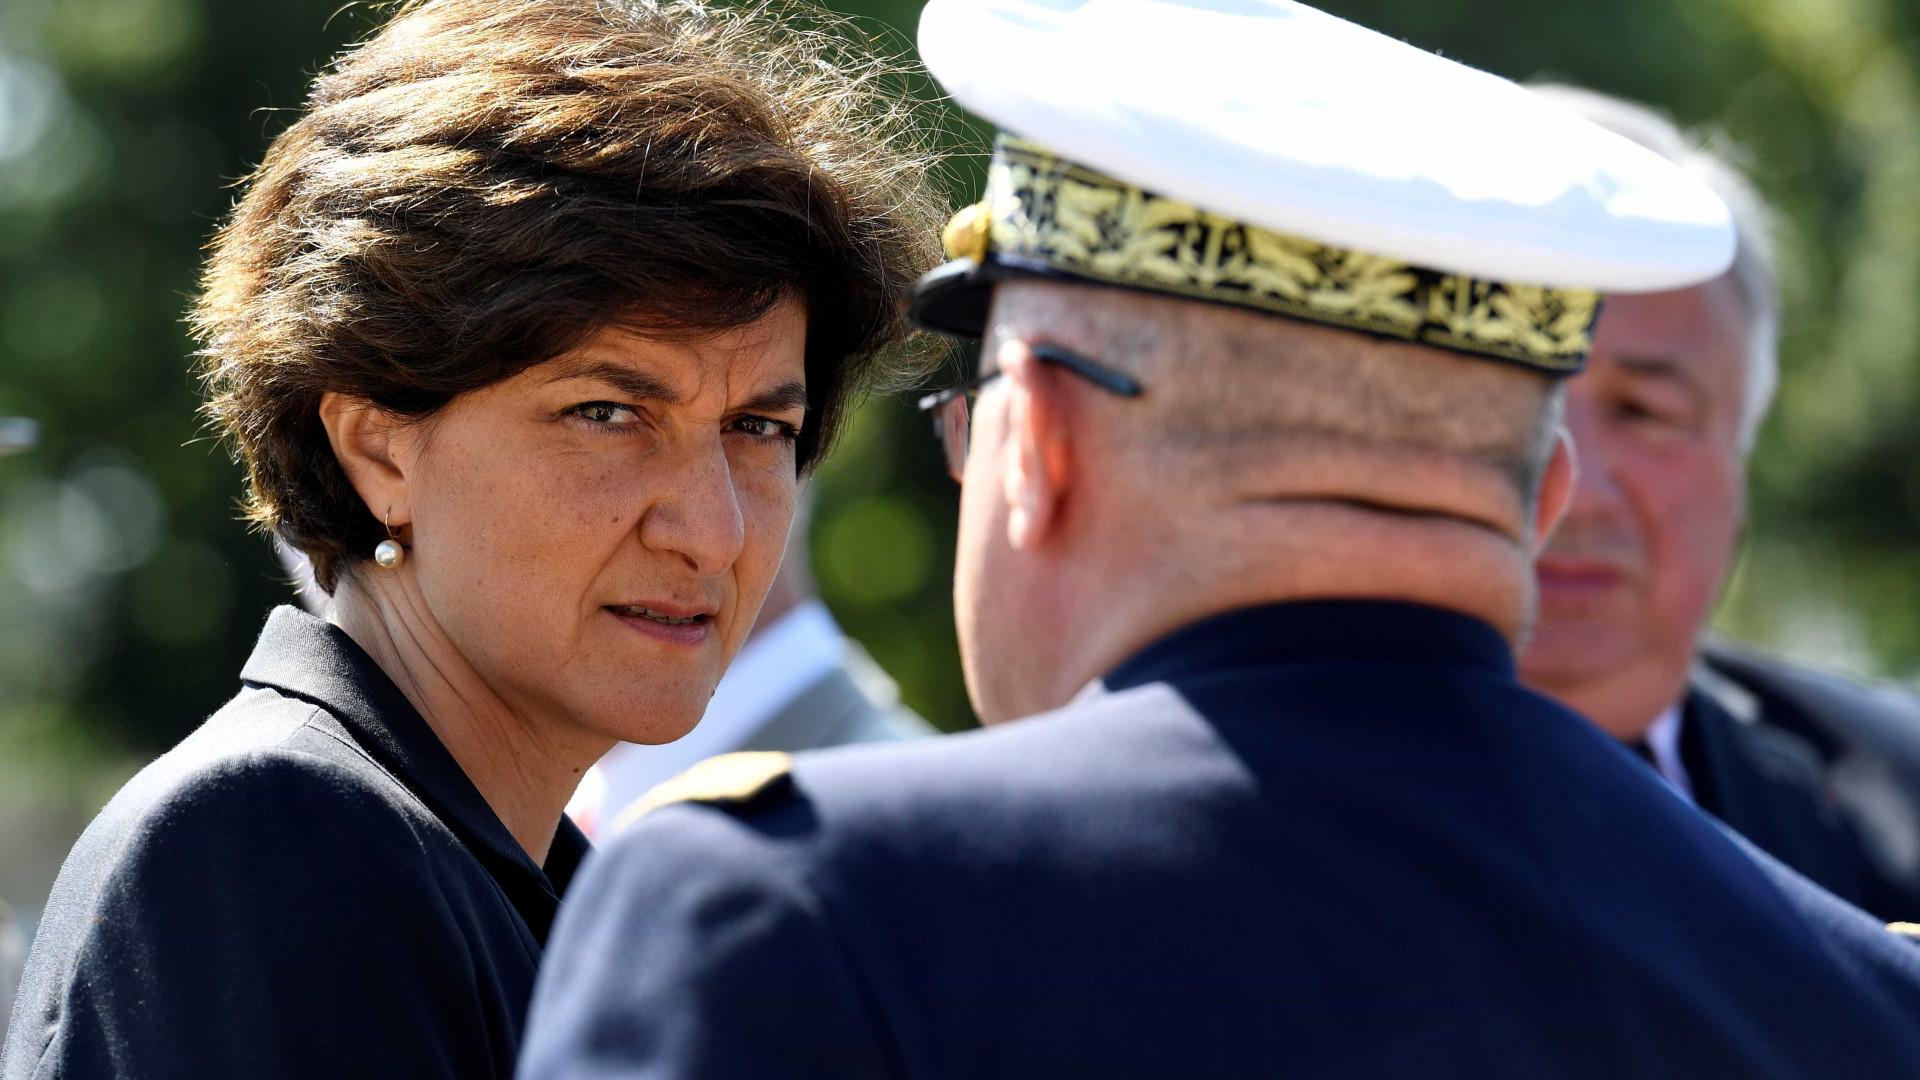 Ministra da Defesa francesa demite-se devido a caso de empregos fictícios